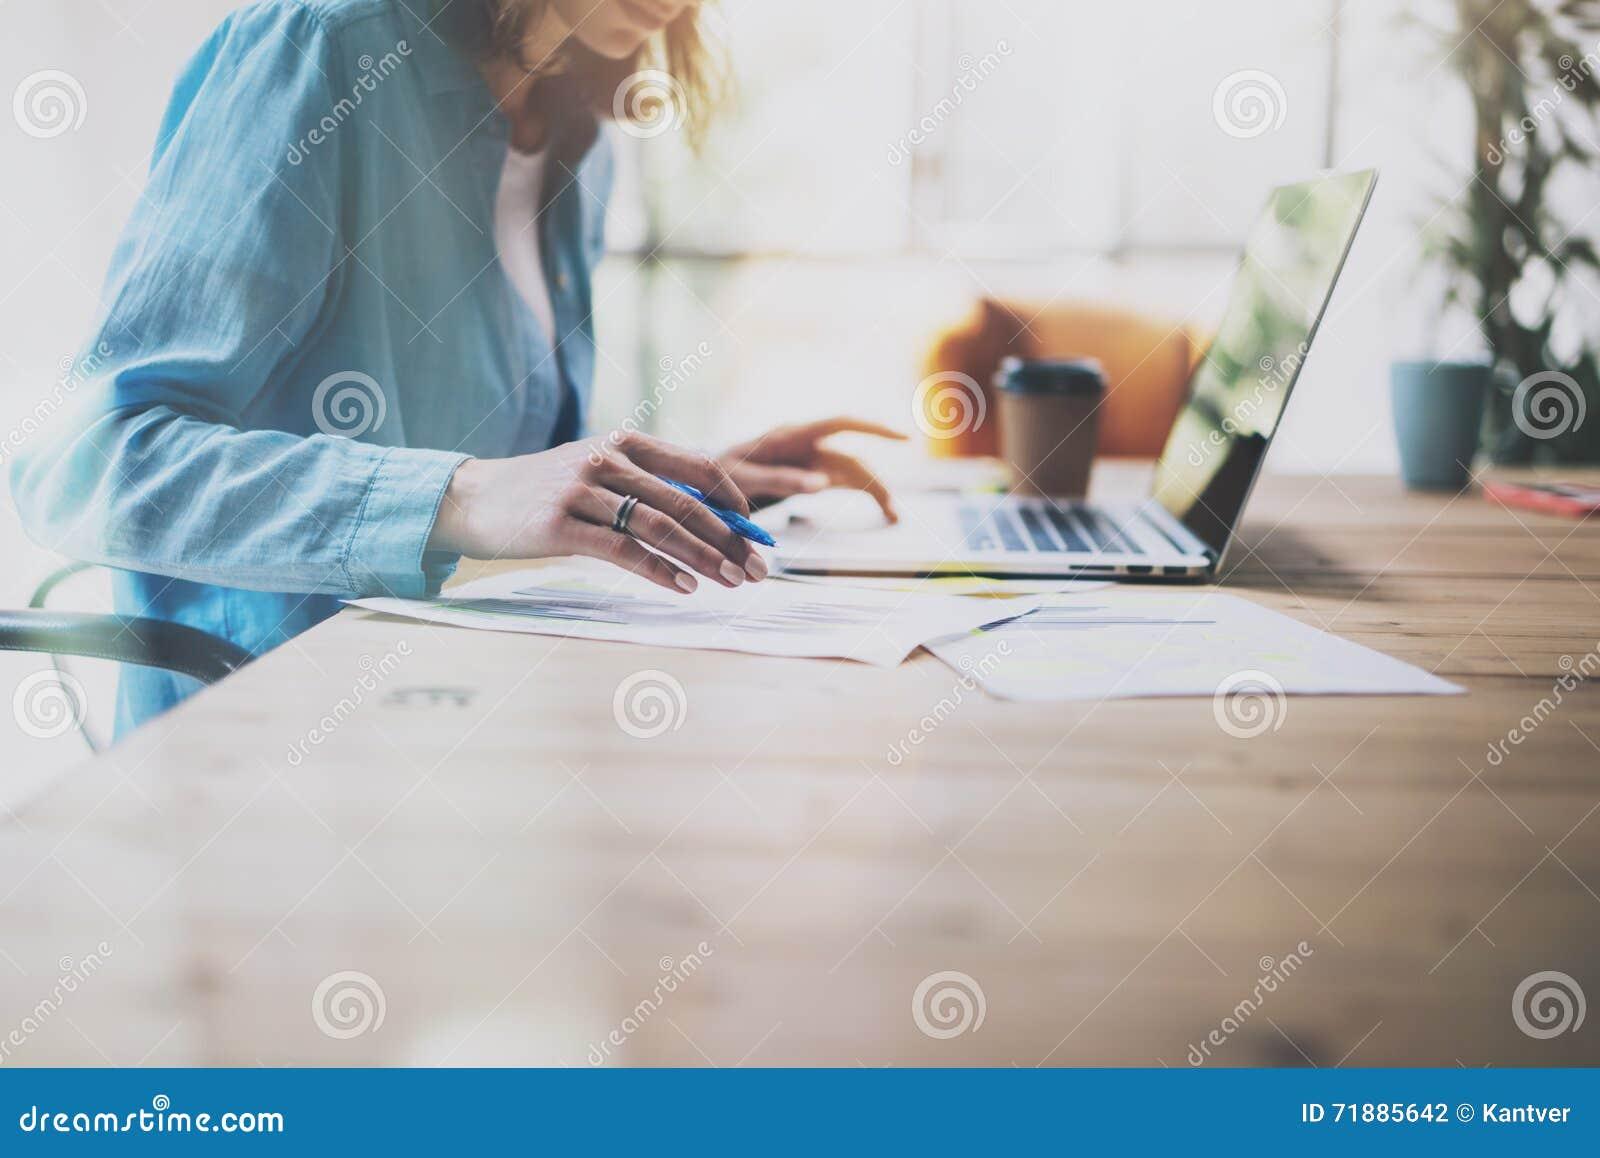 Διευθυντής πωλήσεων φωτογραφιών που απασχολείται στο σύγχρονο γραφείο Γενικά lap-top σχεδίου χρήσης γυναικών και μολύβι εκμετάλλε